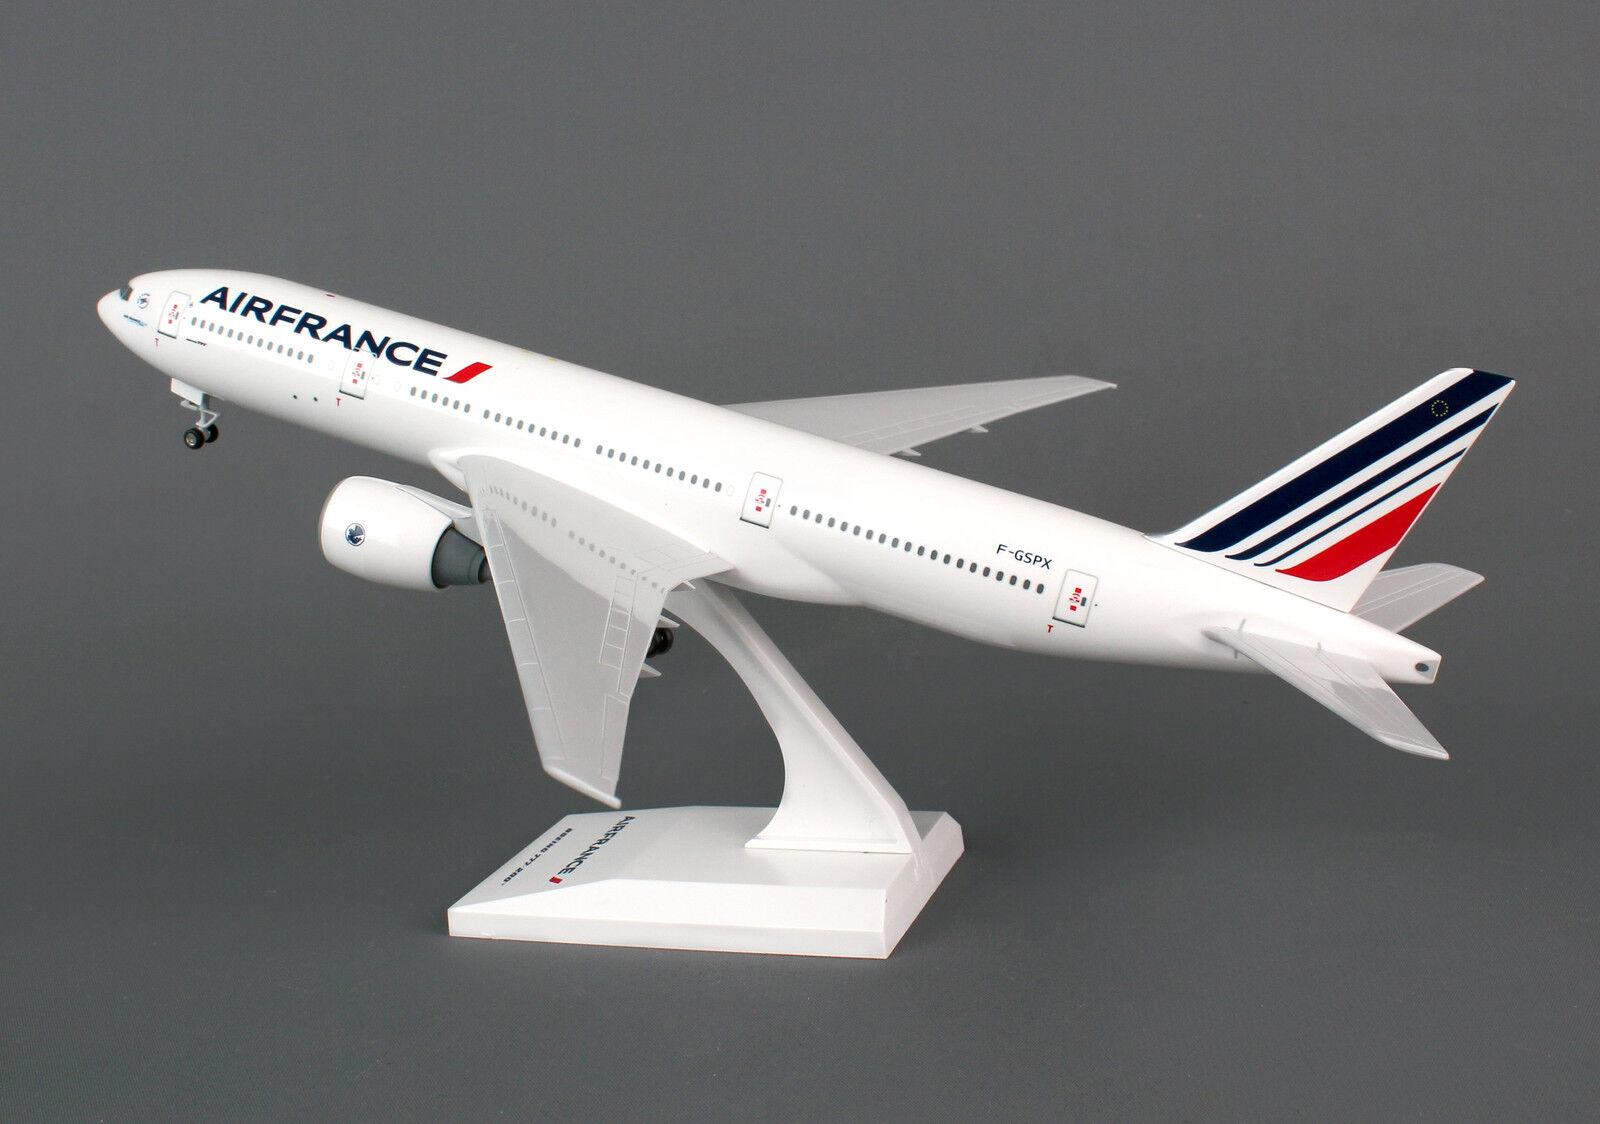 SkyMarks Air France Boeing 777-200 SKR781 1 200, REGF-GSPX w w w Gear, New 453b65